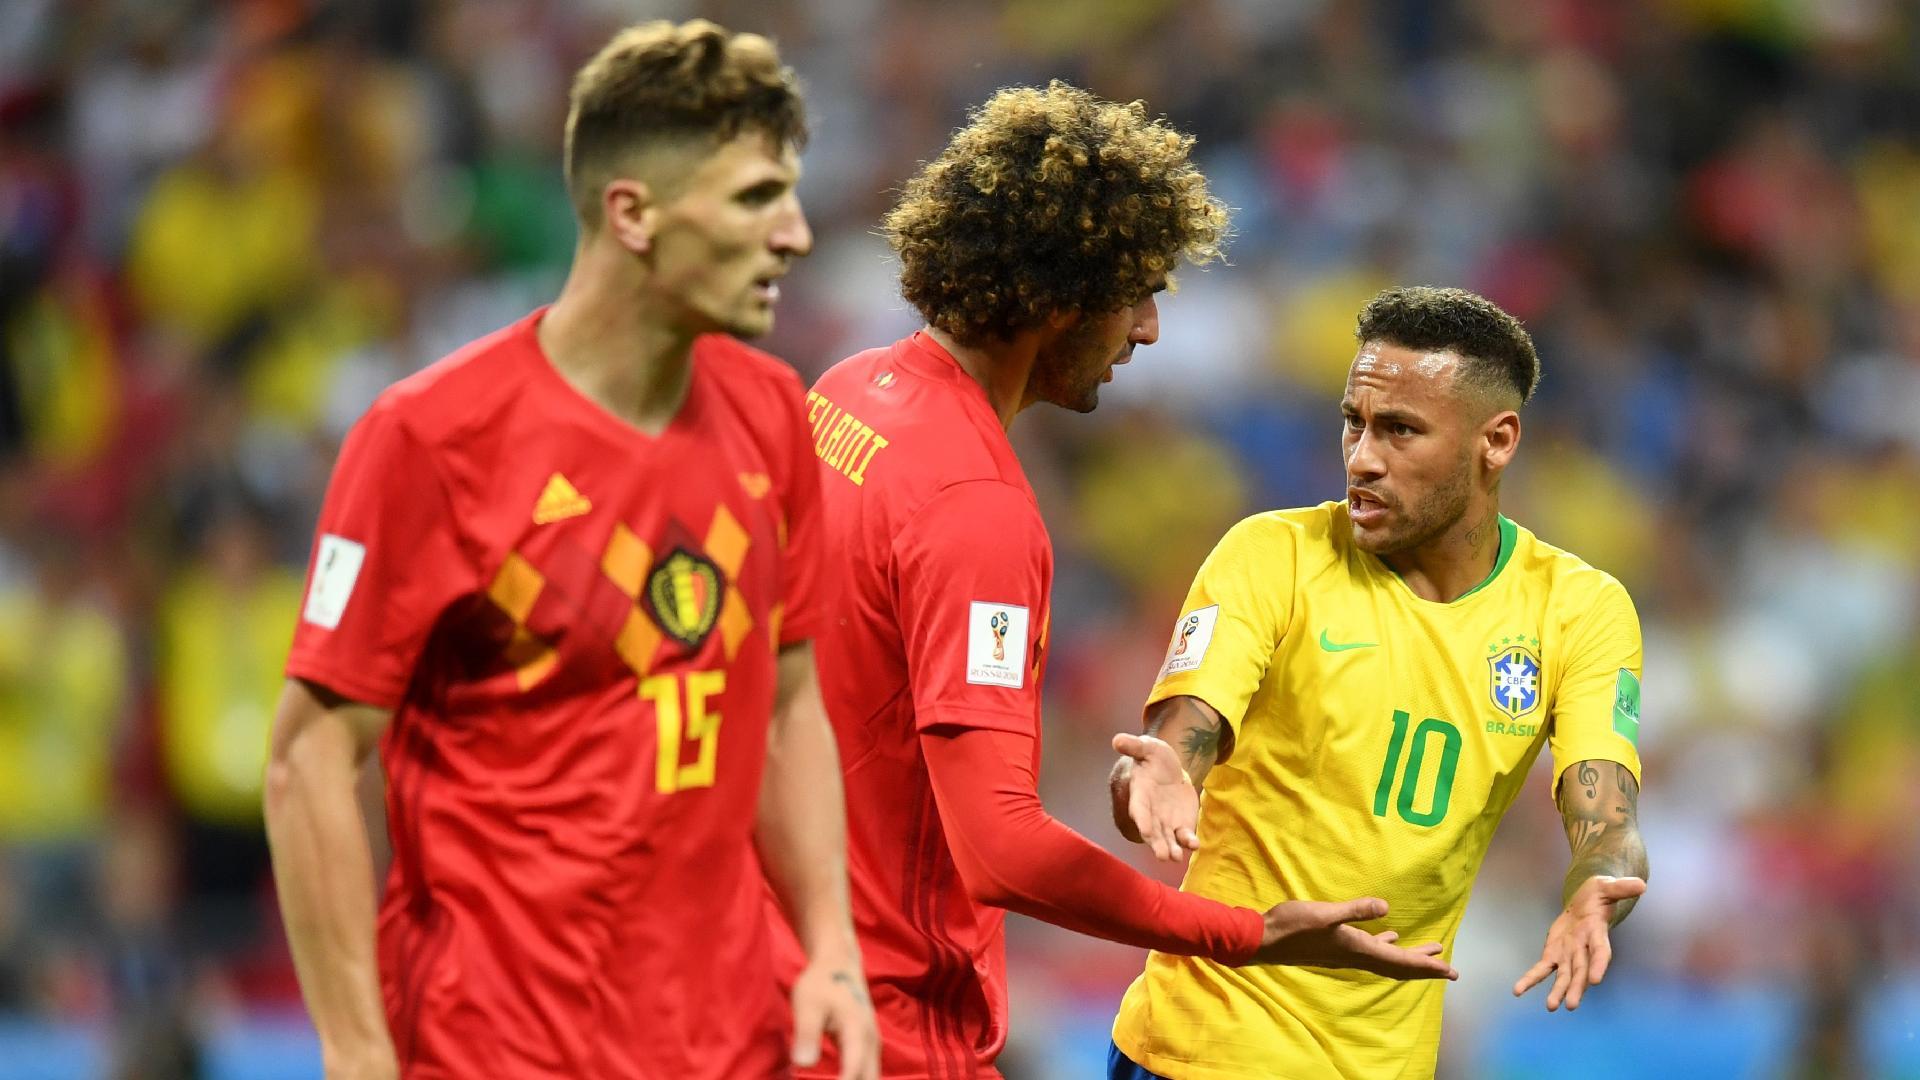 Neymar discute com Marouane Fellaini durante o jogo entre Brasil e Bélgica